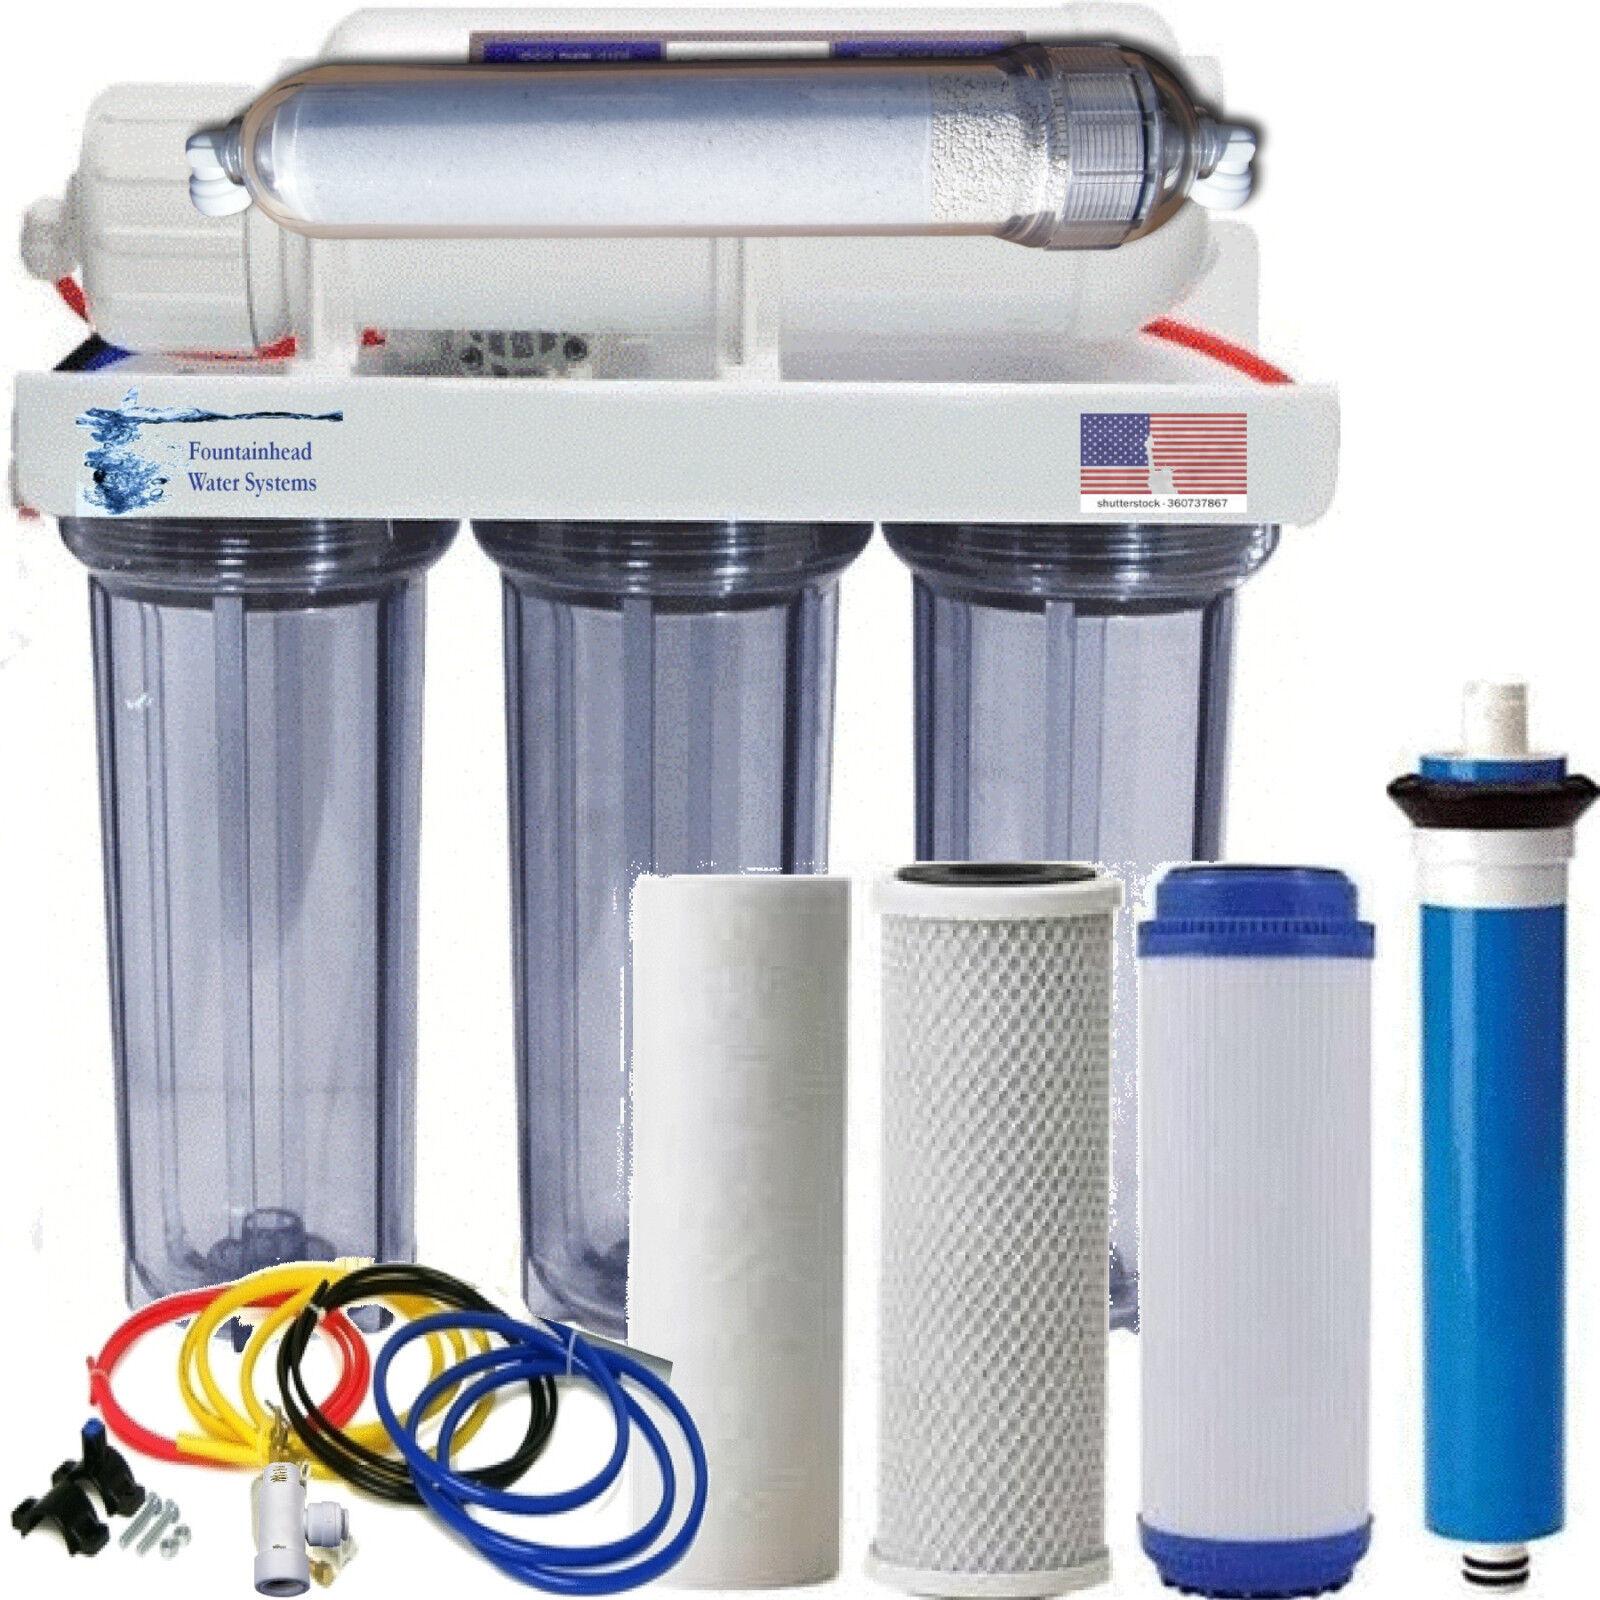 ALCALINE osmose inverse filtre à eau Core System 150 Gotham Police Department. Made in the U.S.A